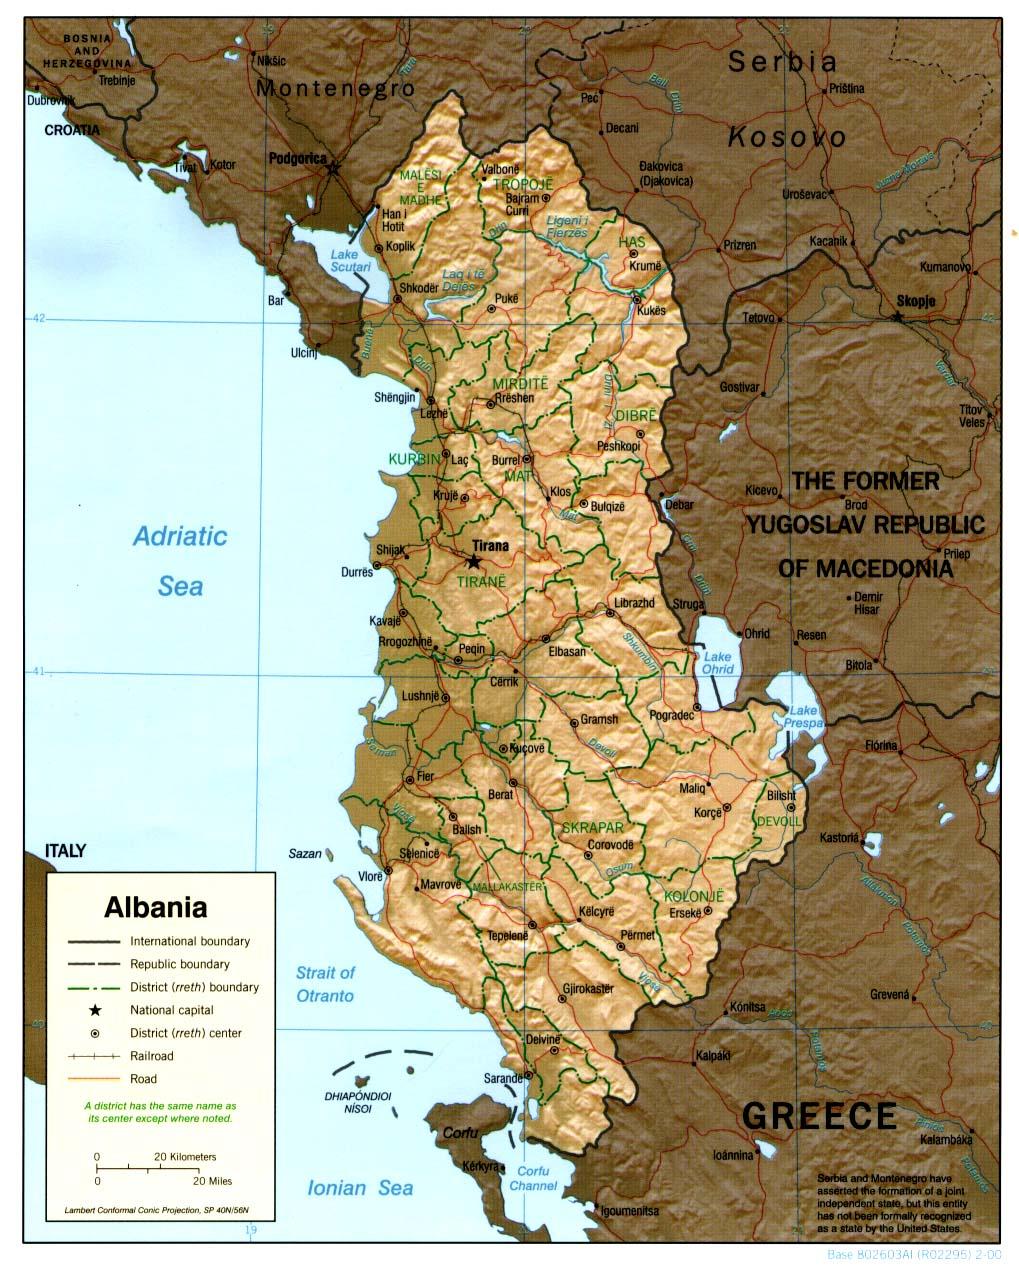 Mapa de Relieve Sombreado de Albania